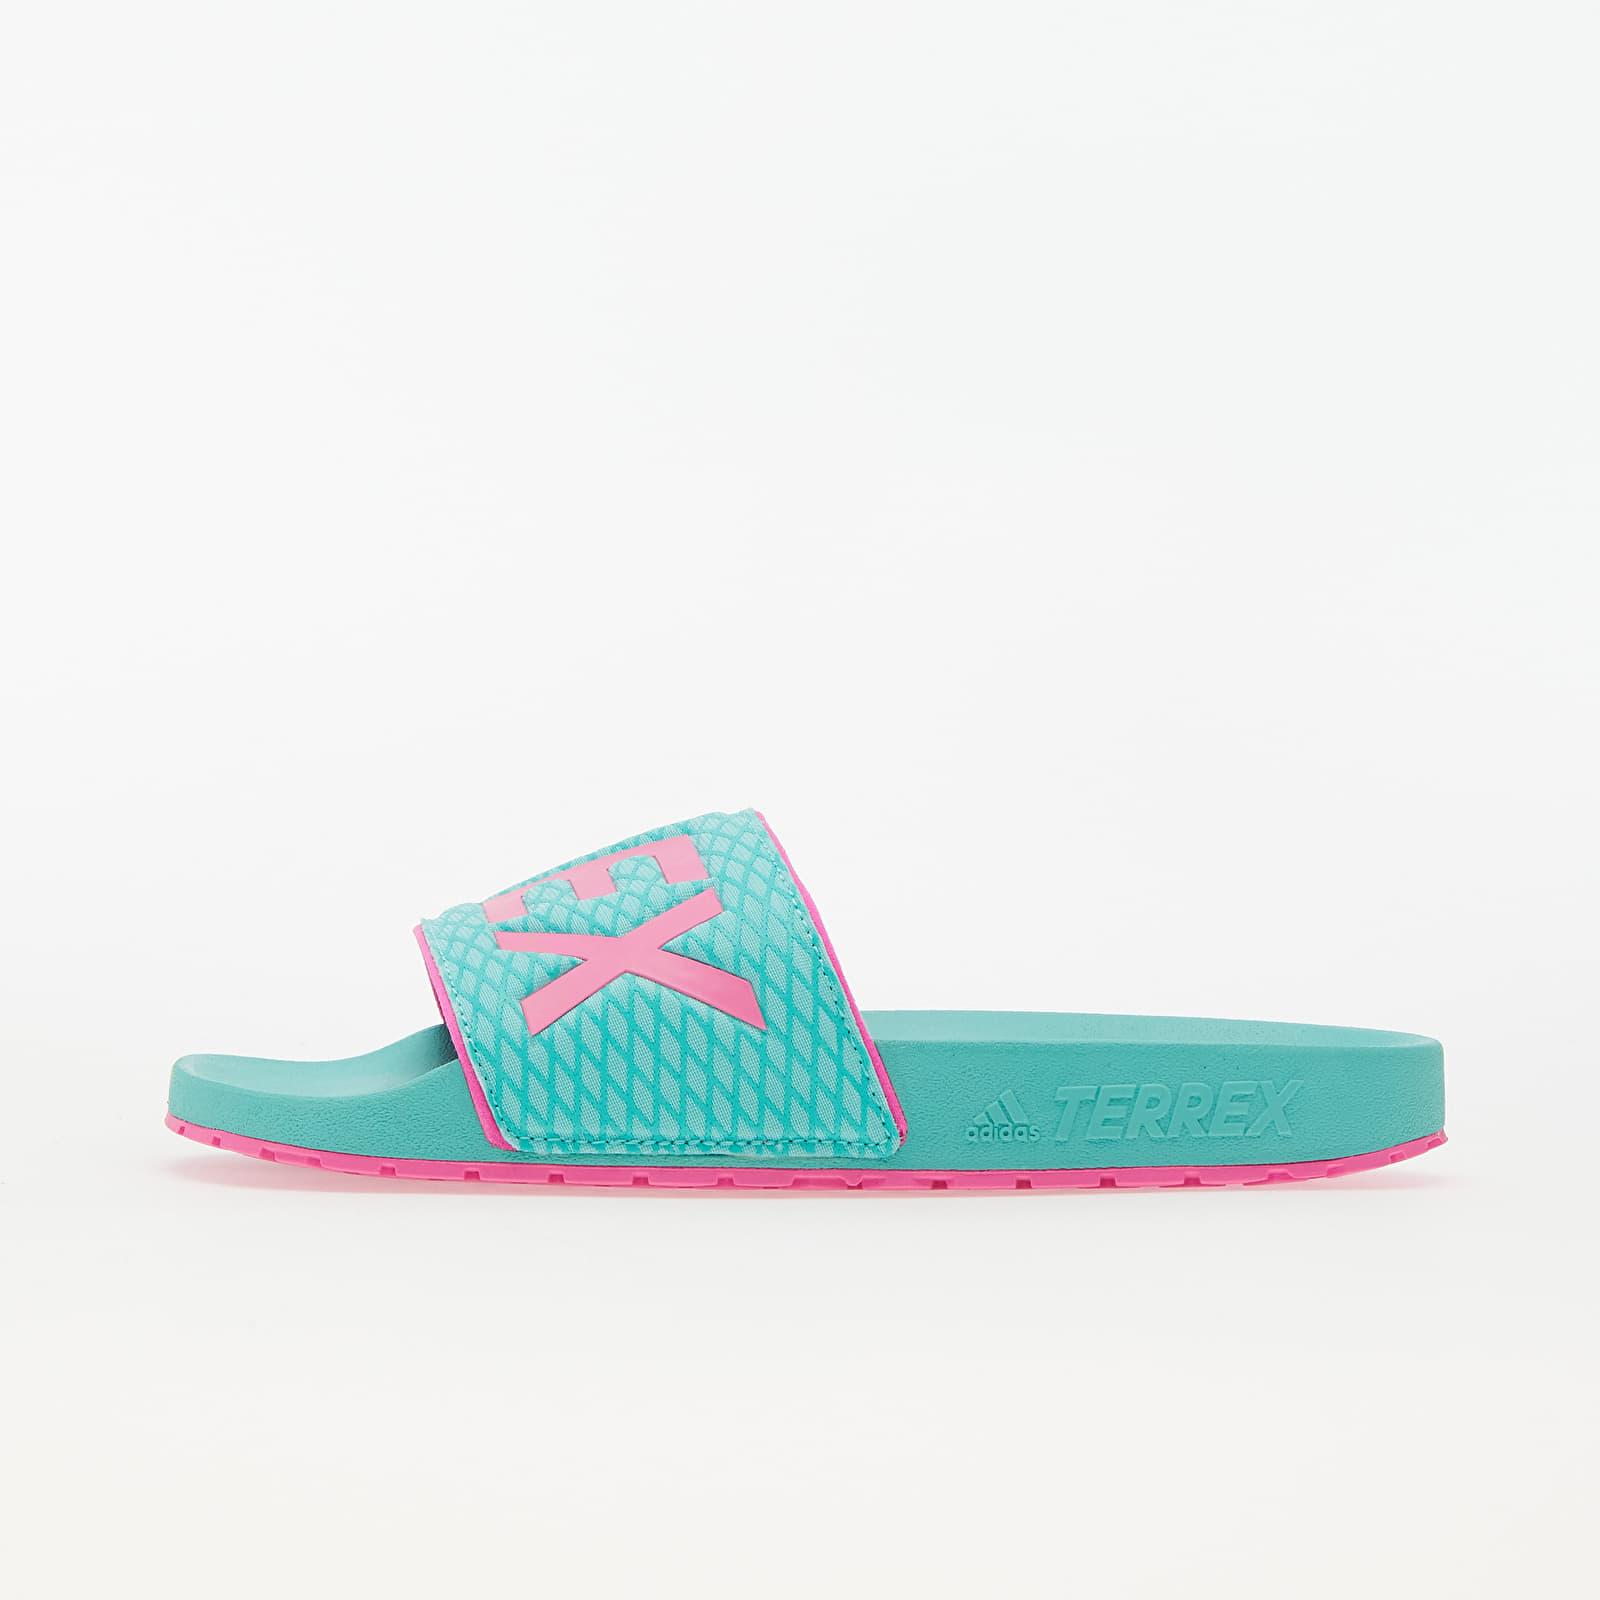 adidas Terrex Adilette W Acid Mint/ Screaming Pink/ Acid Mint FX4606